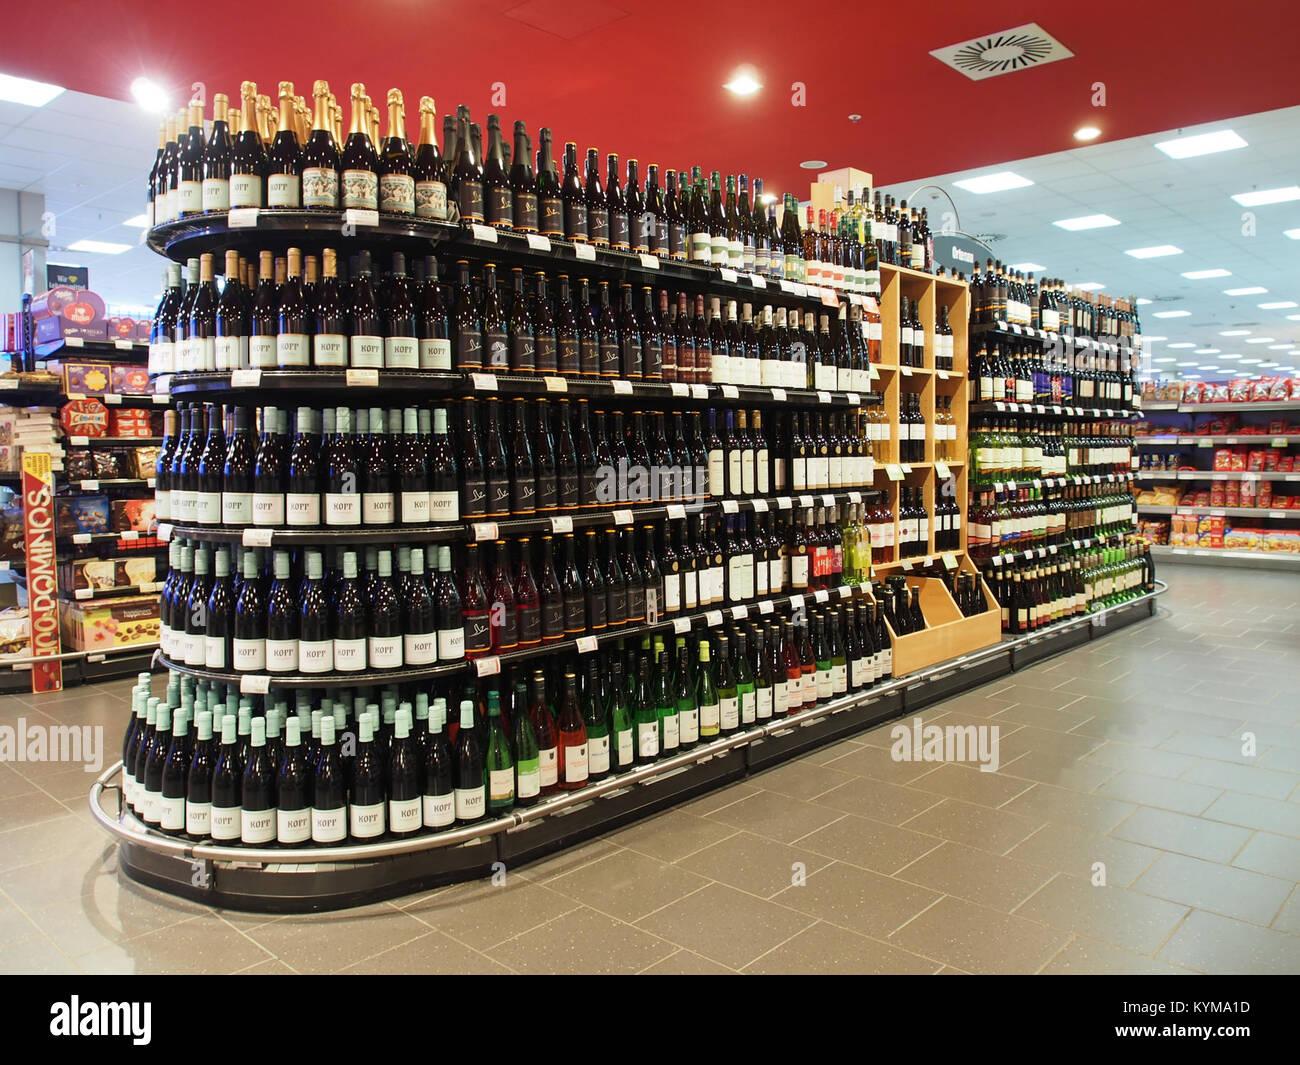 Edeka, Cité, Baden-Baden, Alkoholische Getränke Bild 8 Stock Photo ...